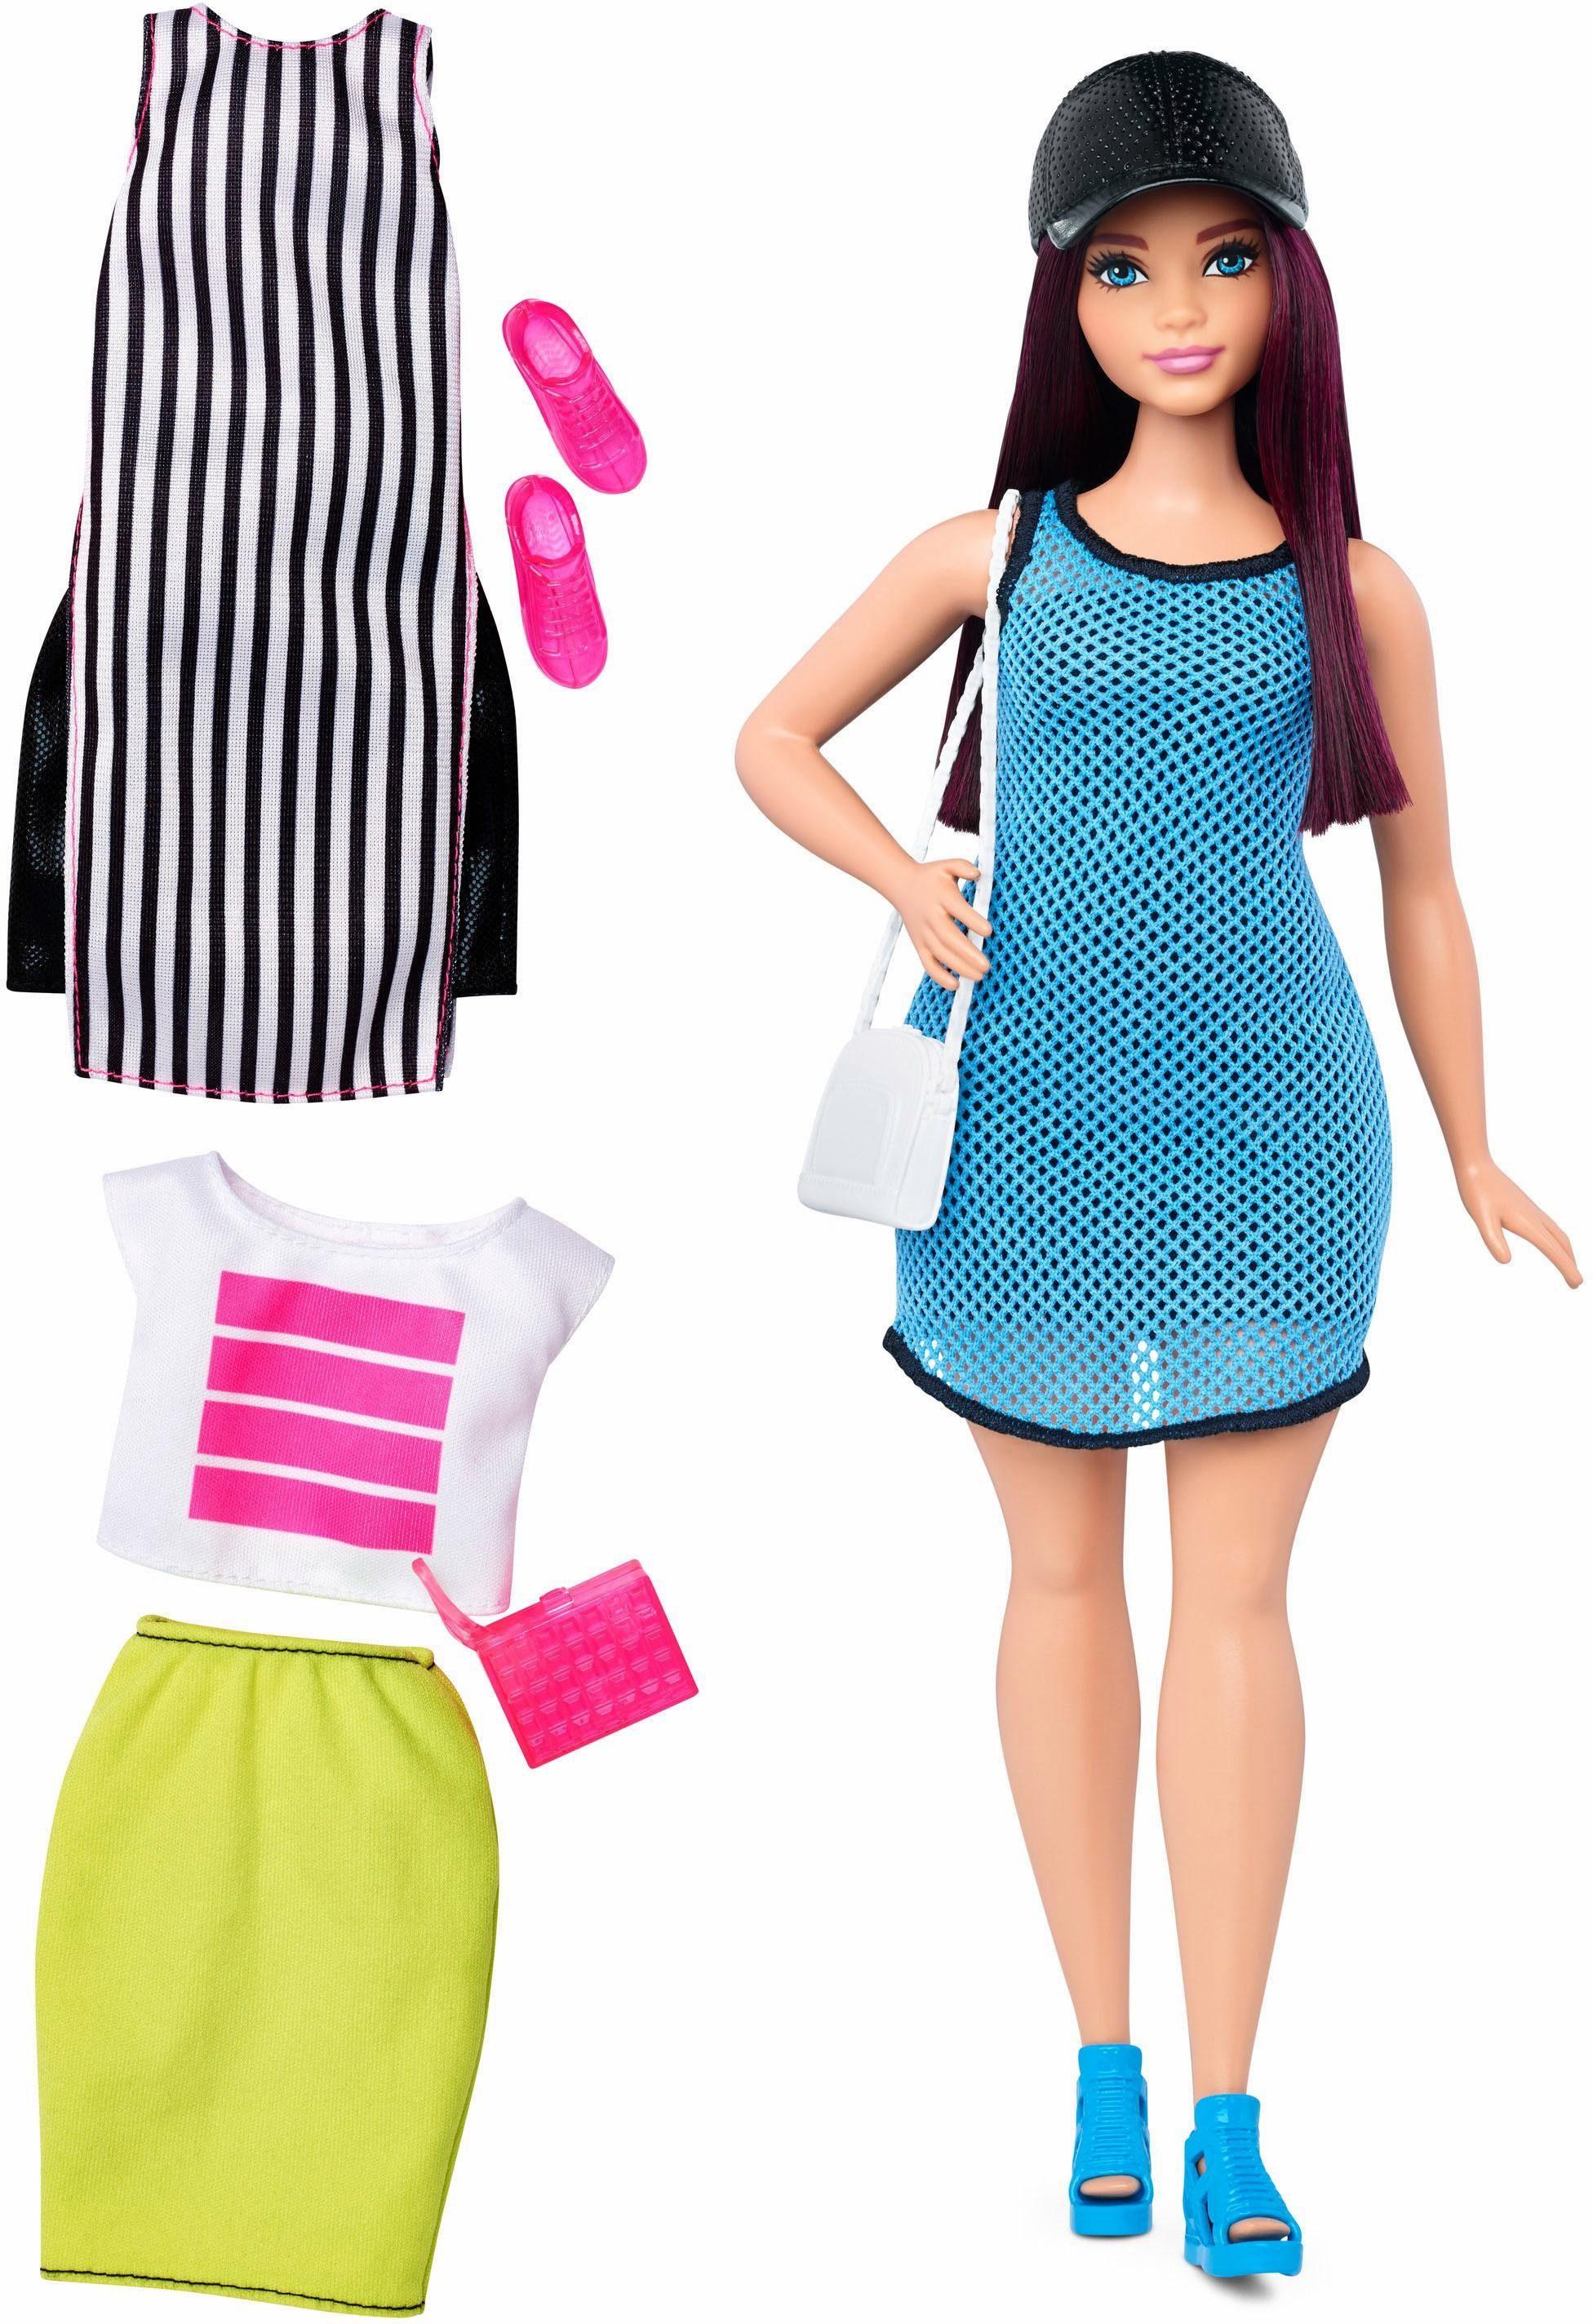 Mattel Puppe, »Barbie Fashionistas Style Puppe und Moden im Freizeit-Look«